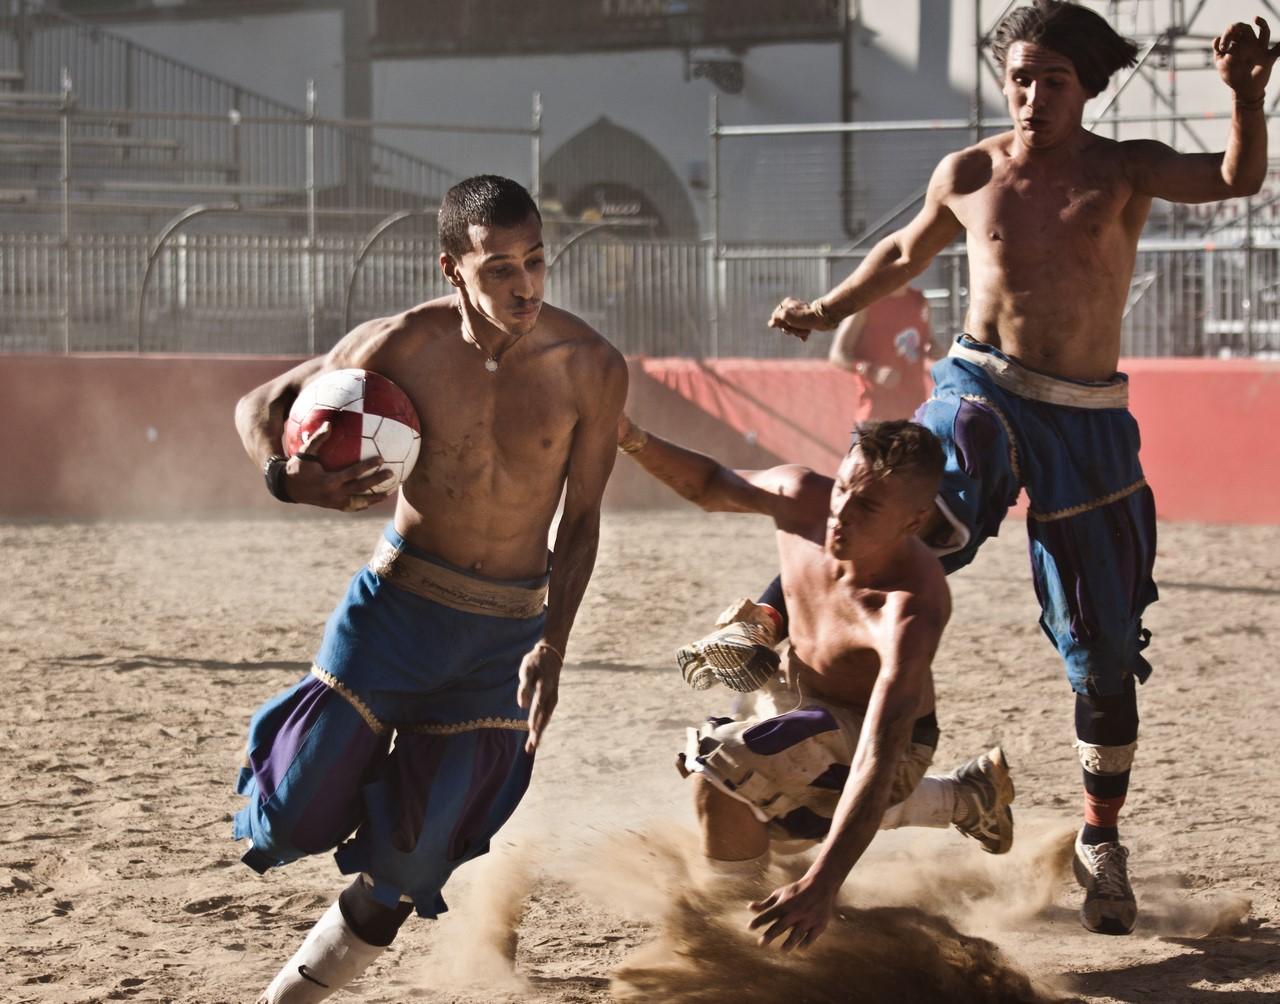 Самый жестокий спорт в мире кальчио, Флоренции, спорта, время, города, площади, Италии, матча, удары, команды, Однако, играют, команде, можно, района, исторических, СантаКроче, игроки, игроков, Санта